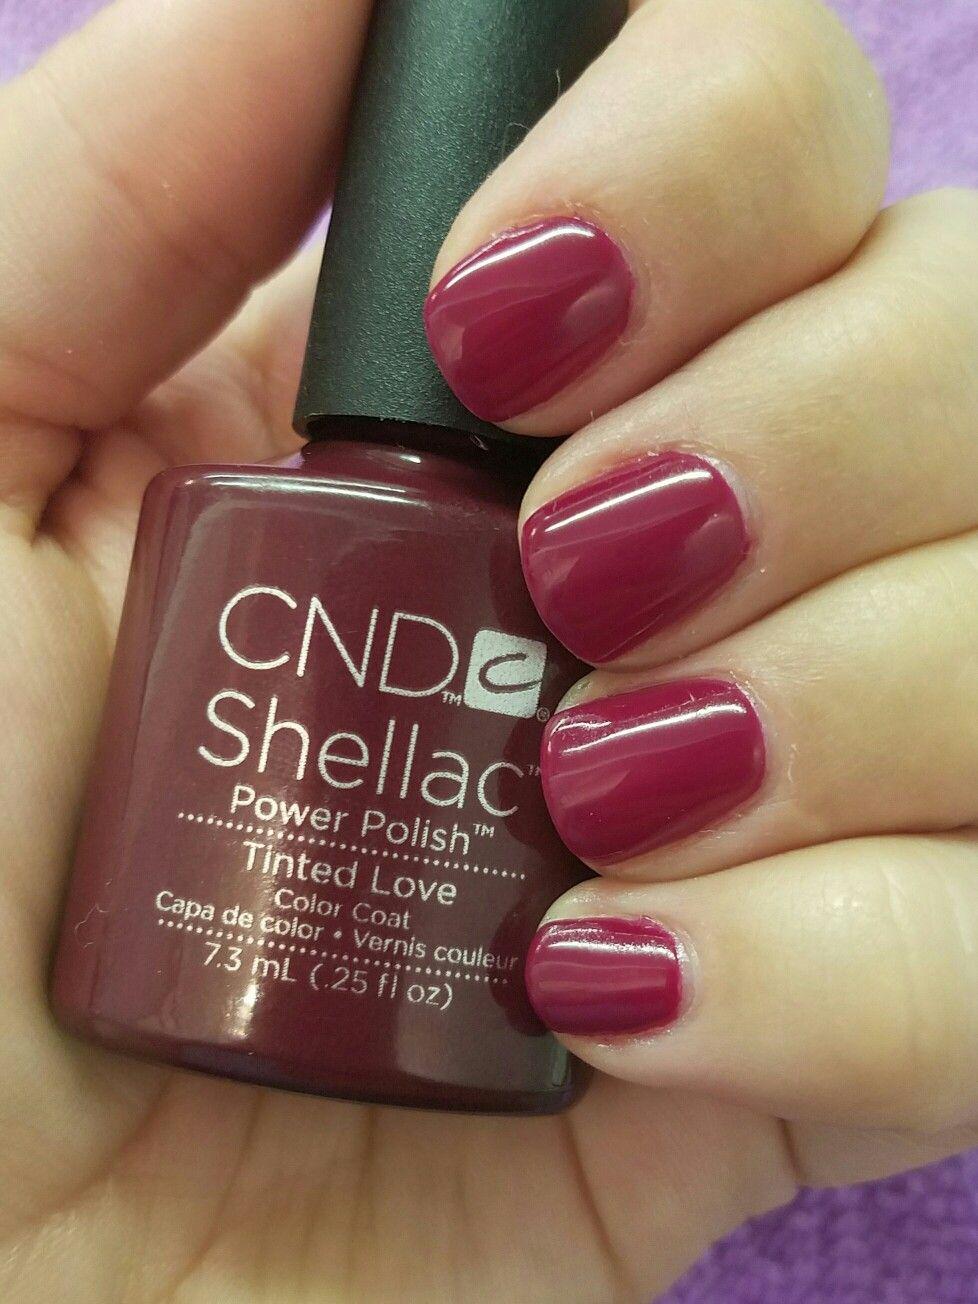 Cnd Creative Play Nail Lacquer Reviews In Nail Polish: CND Shellac Tinted Love